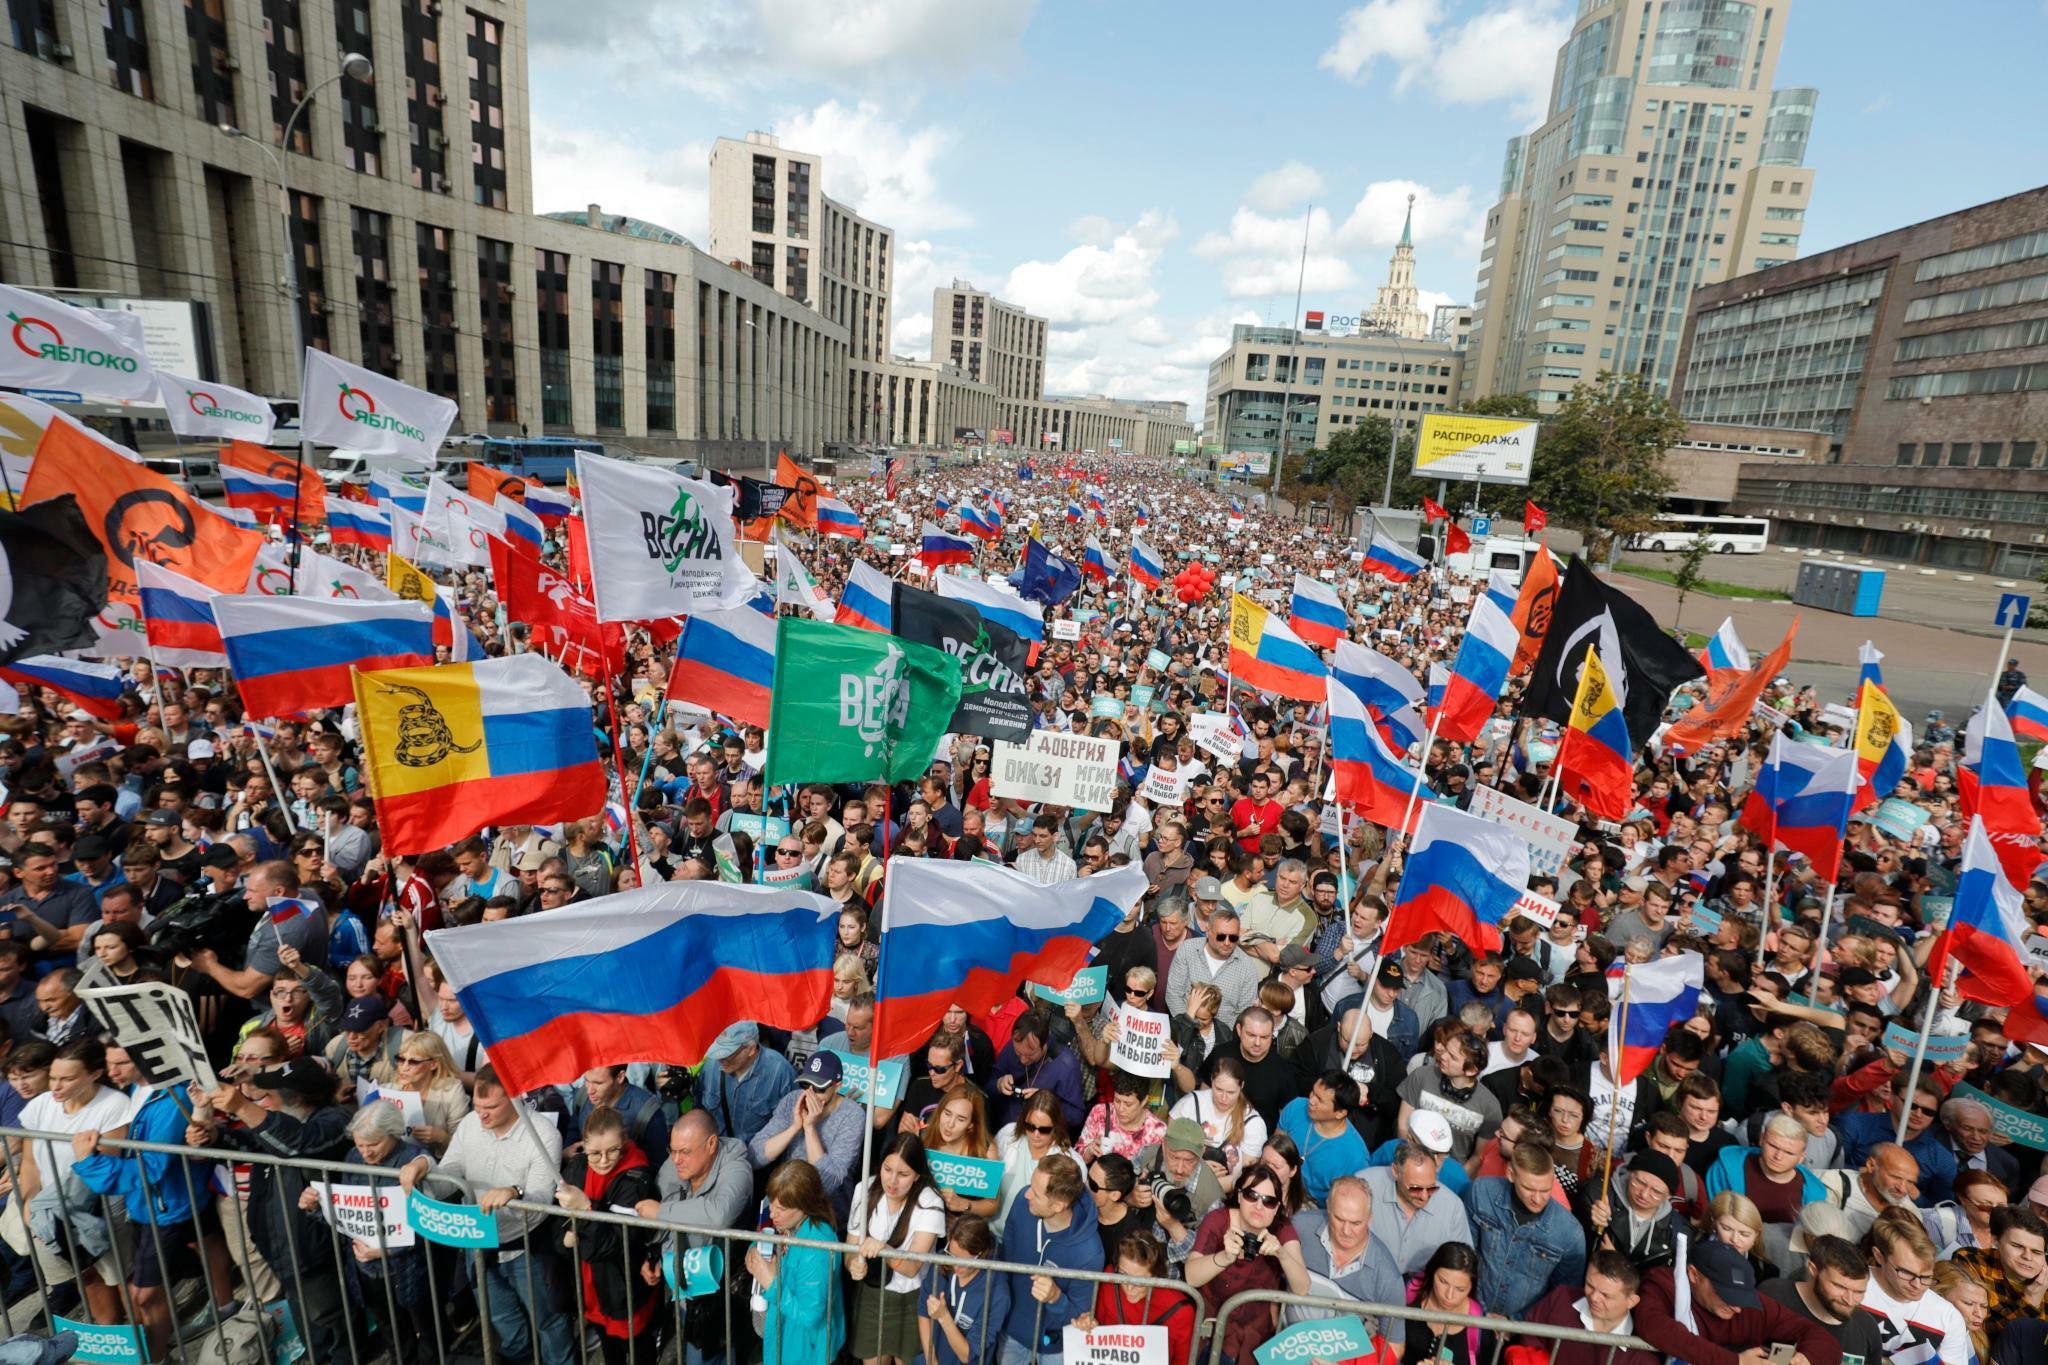 Mahnwachen in Moskau für Freilassung Gefangener und faire Wahlen